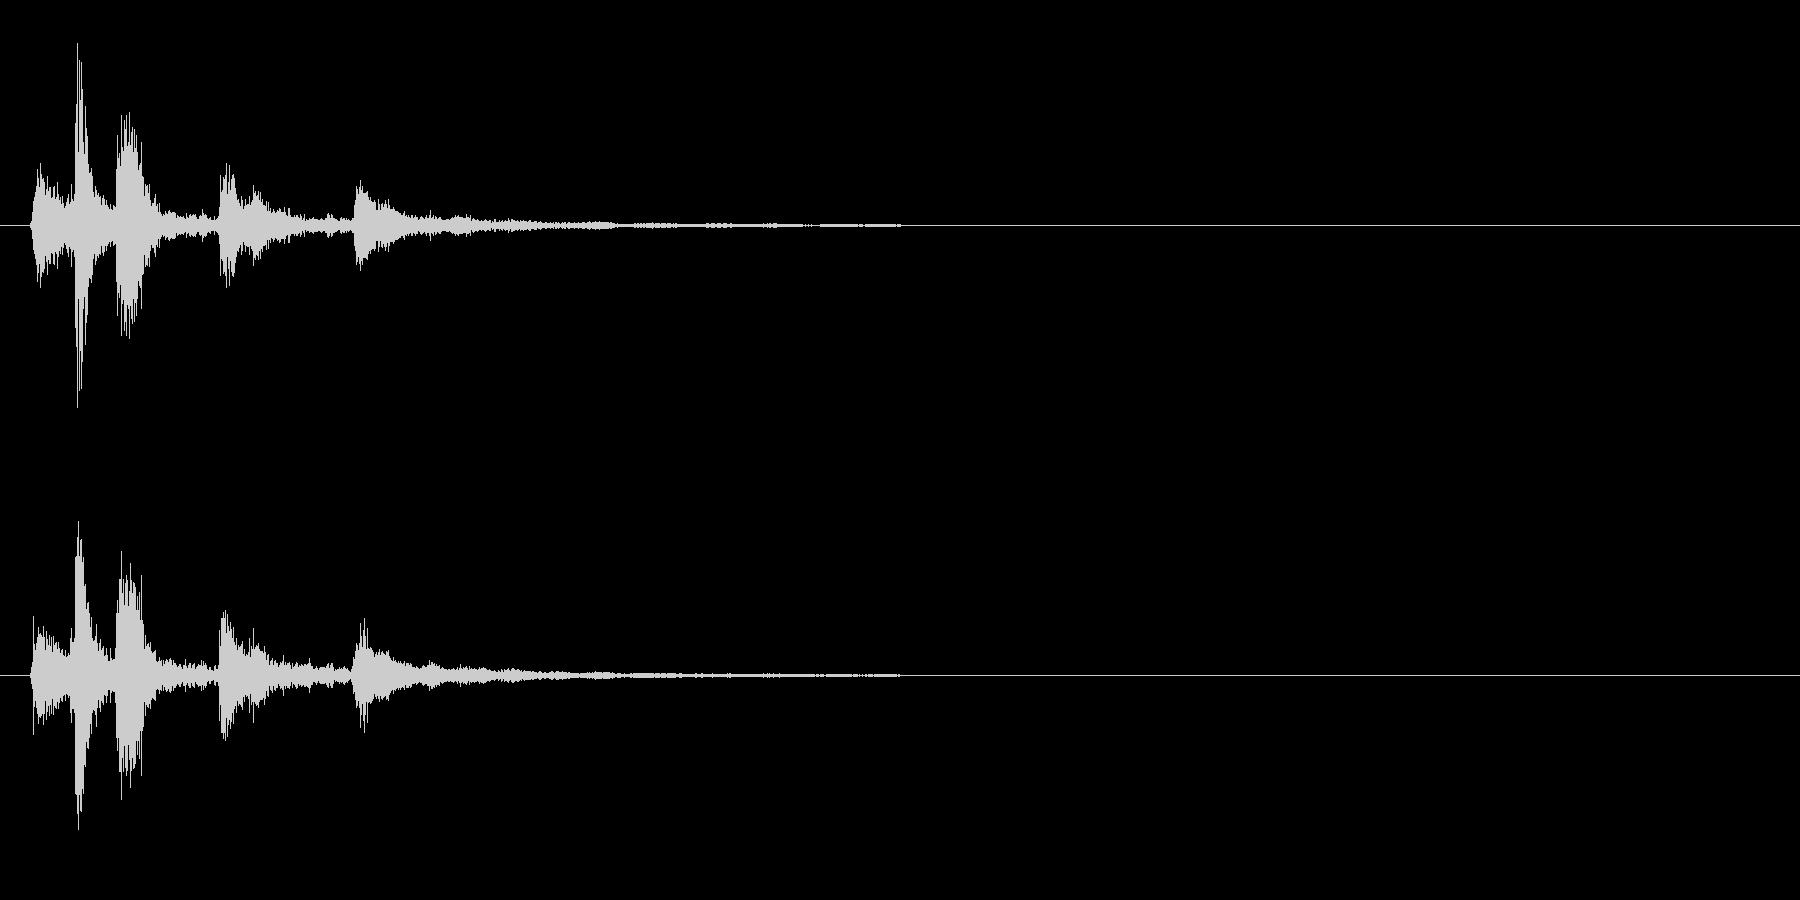 シンセ風なアイテム入手音の未再生の波形